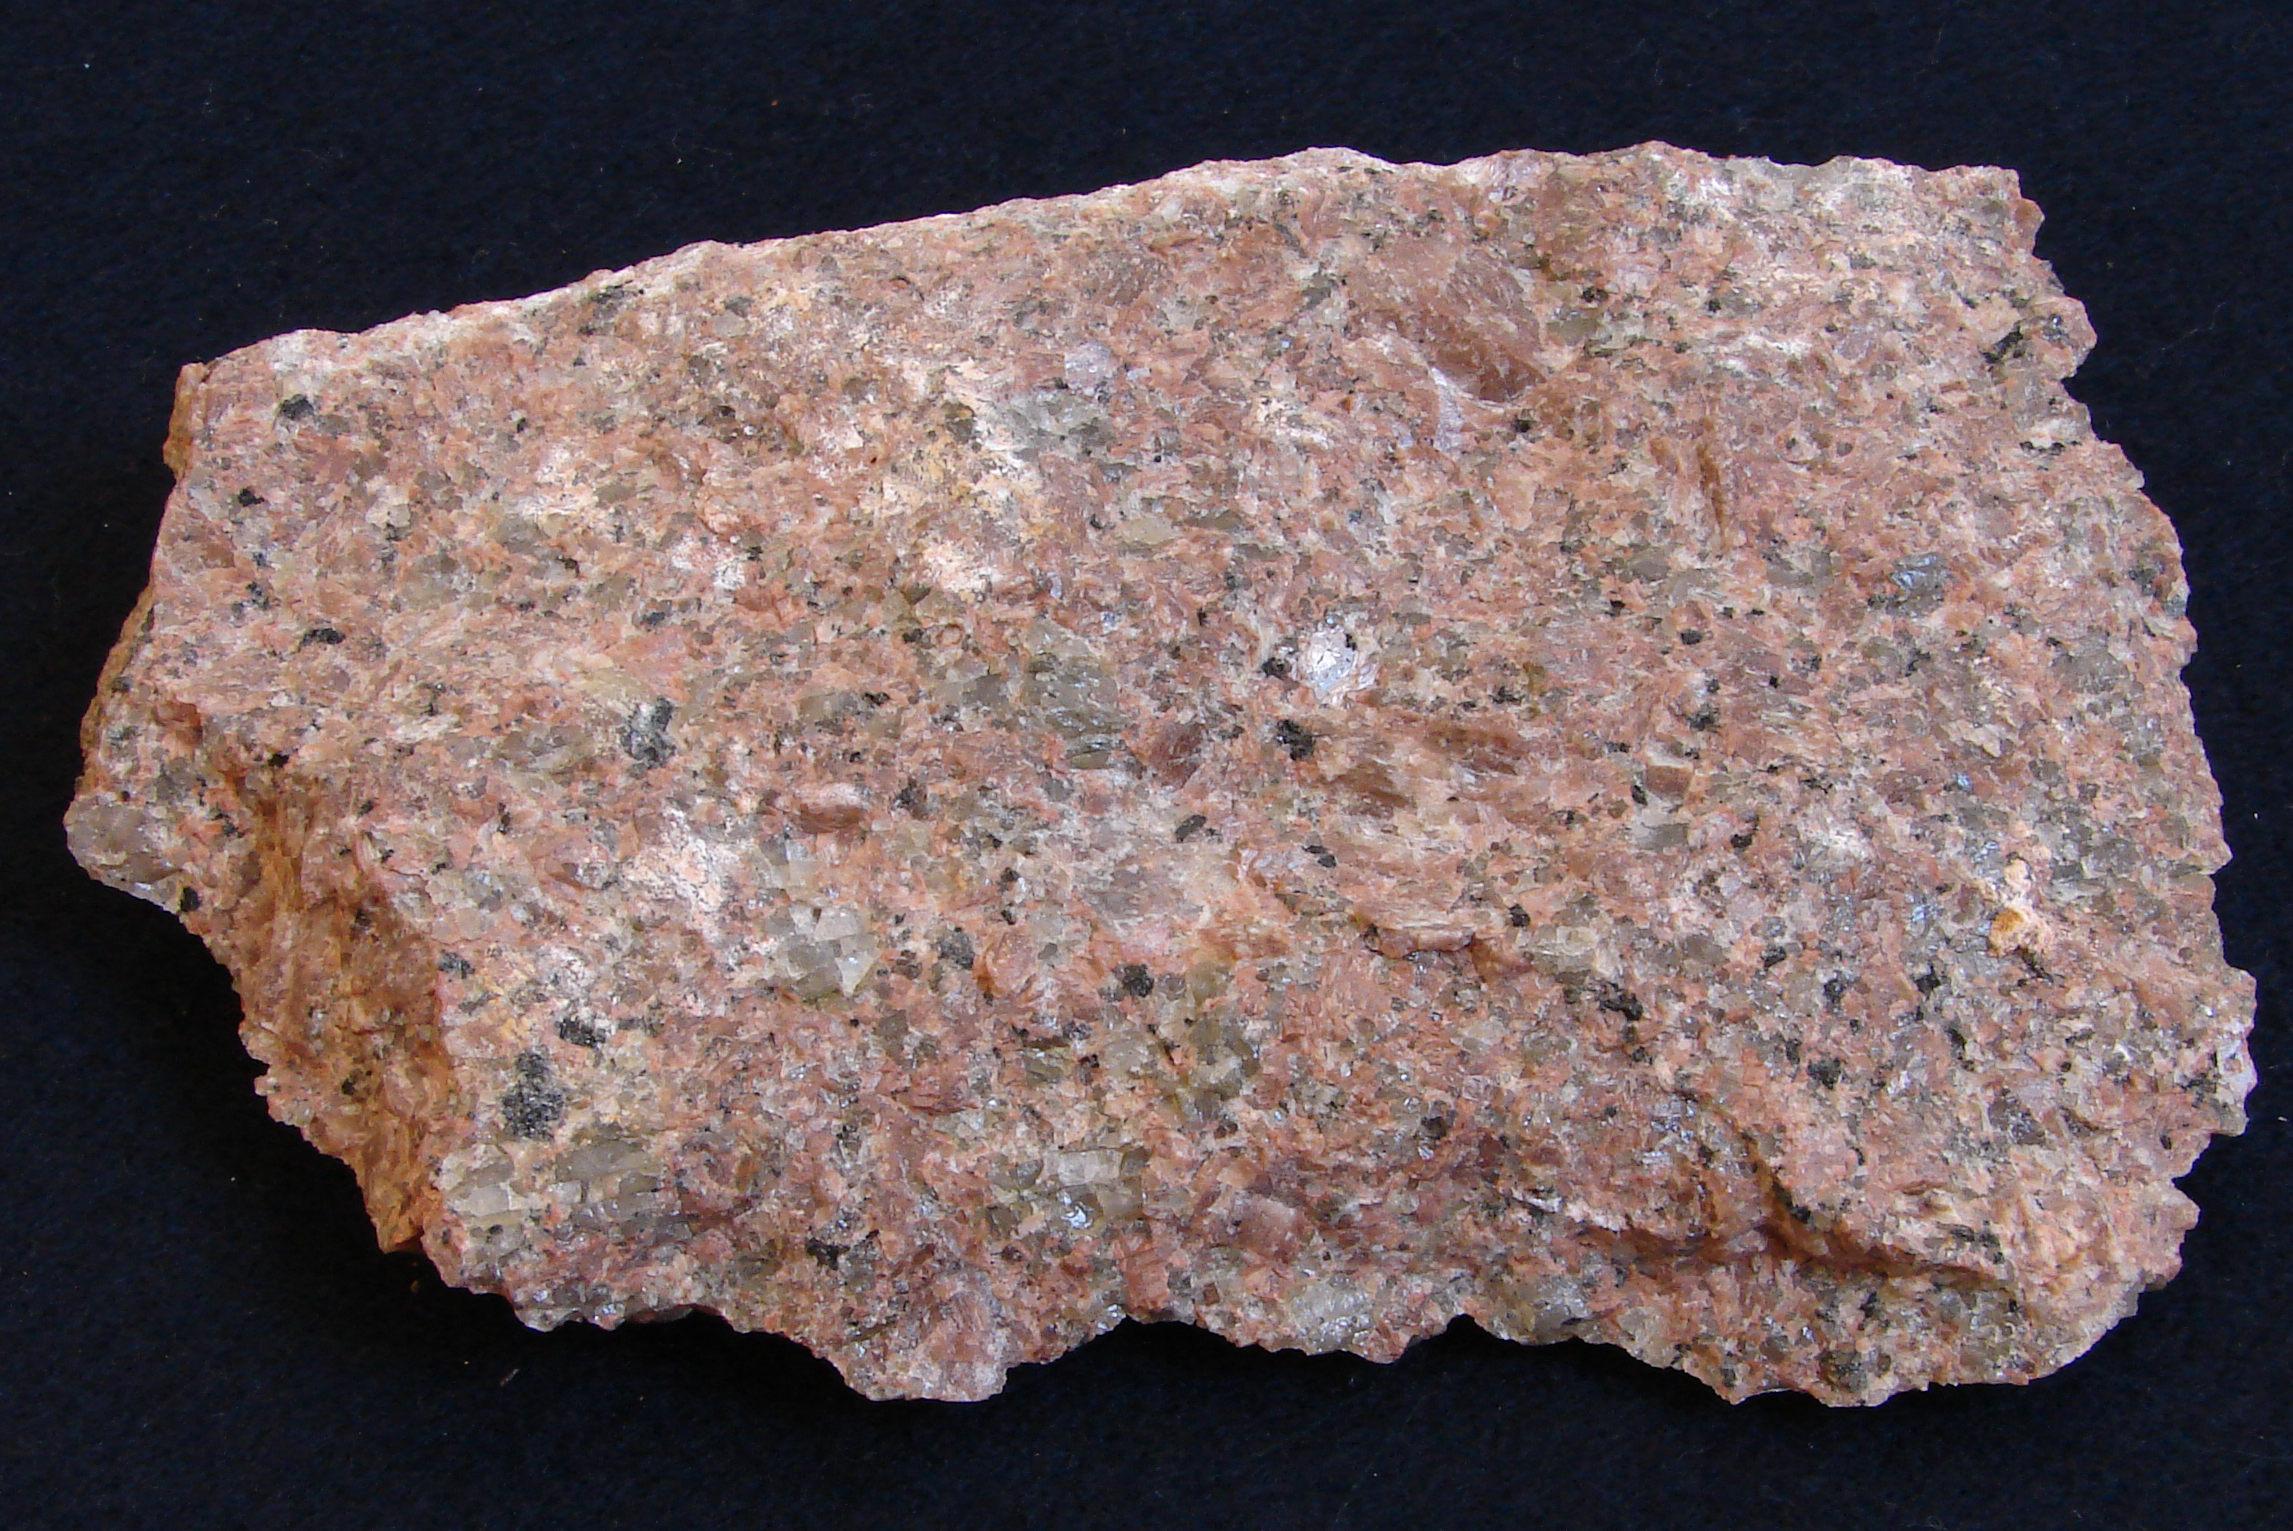 File:Itu granite.JPG - Wikipedia